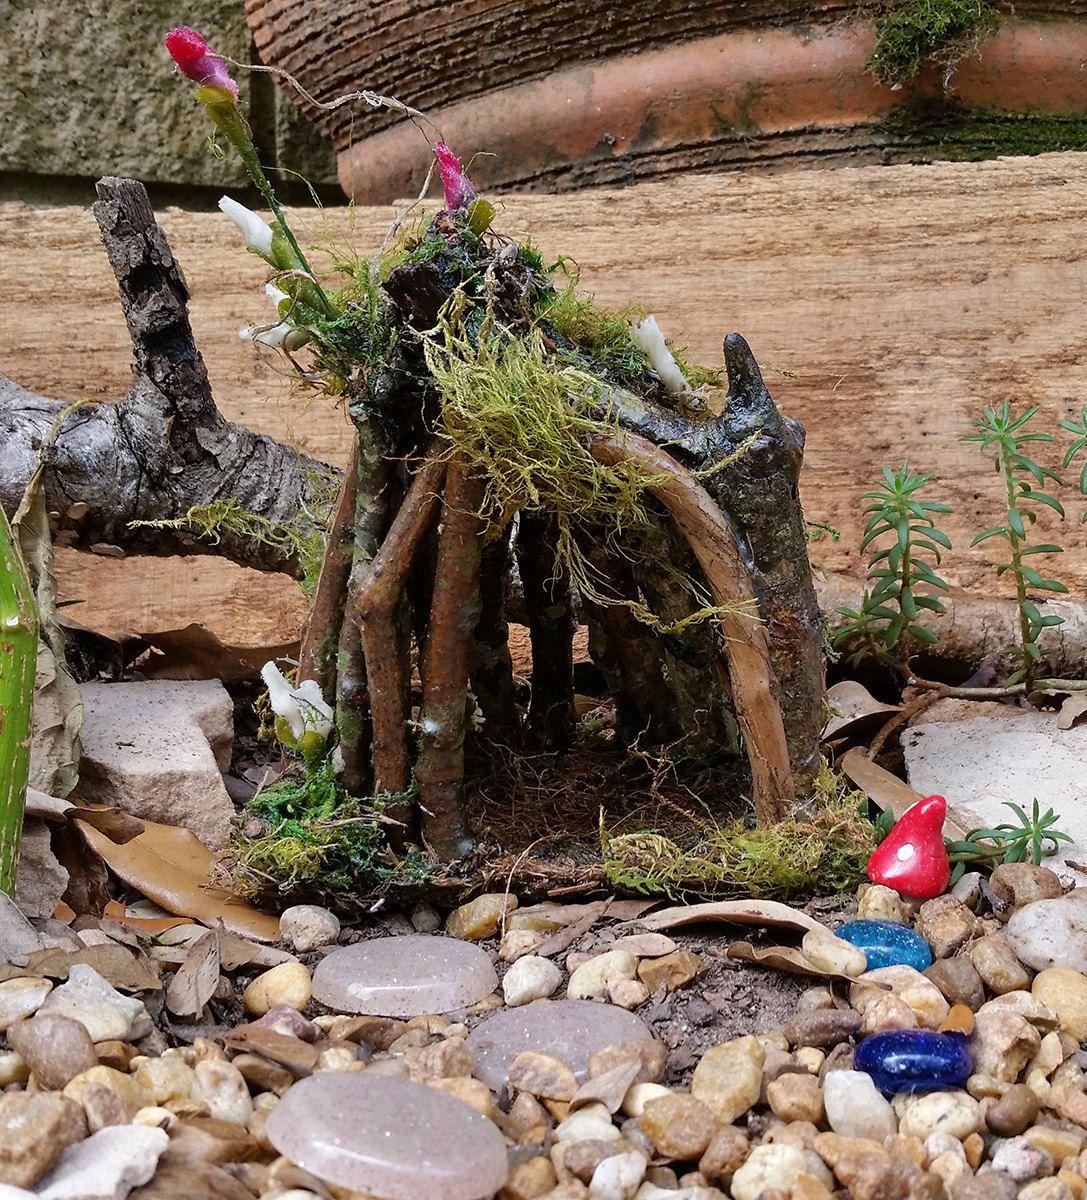 Fairy House, Outdoor Fairy House, Fairy Garden House, Terrarium House,  Gnome House